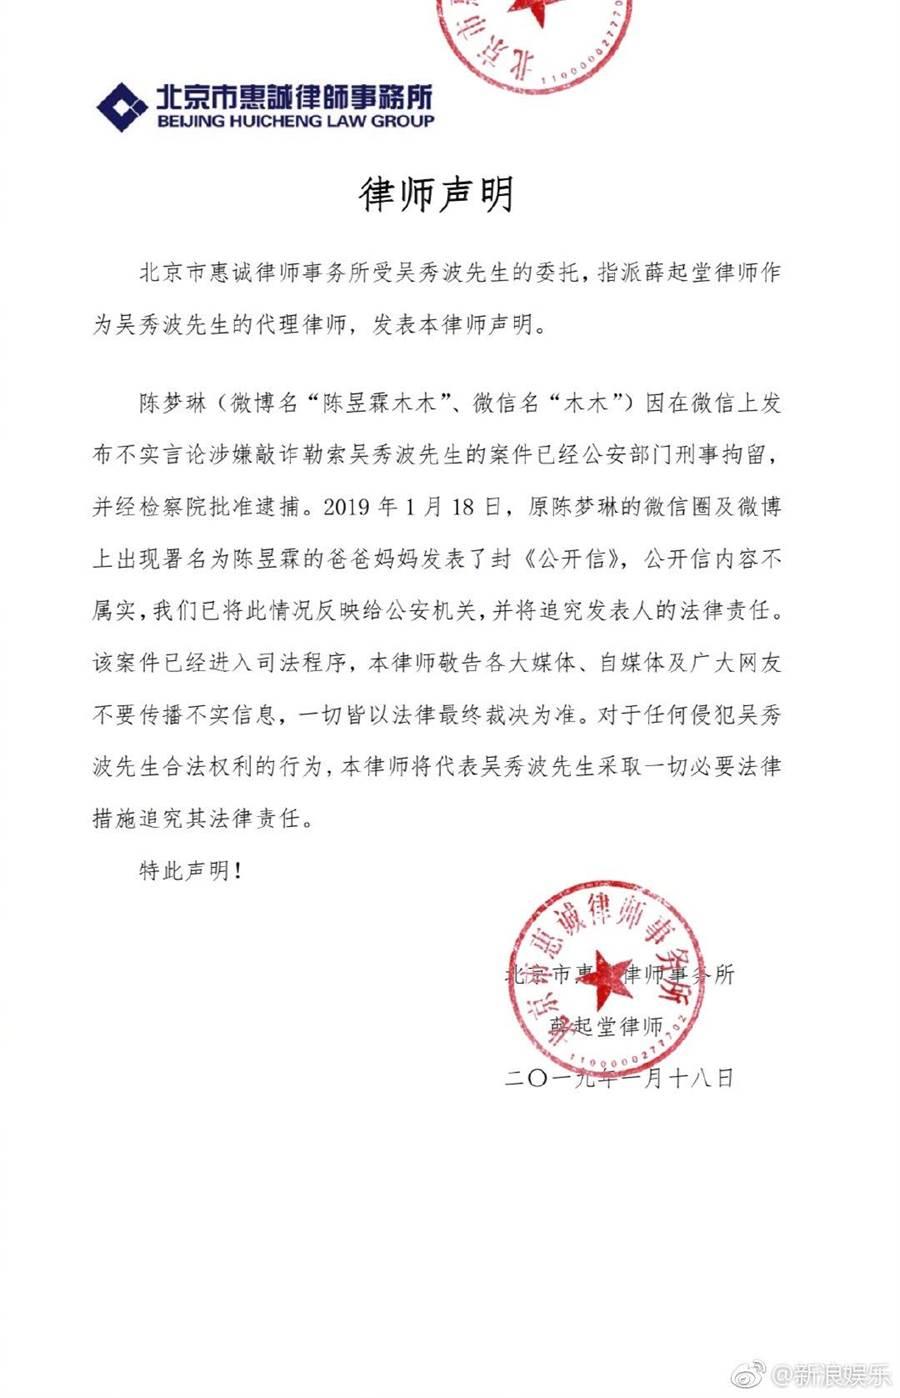 吳秀波律師信聲明,陳昱霖父母公開信不屬實,將追究法律責任。(取自微博)